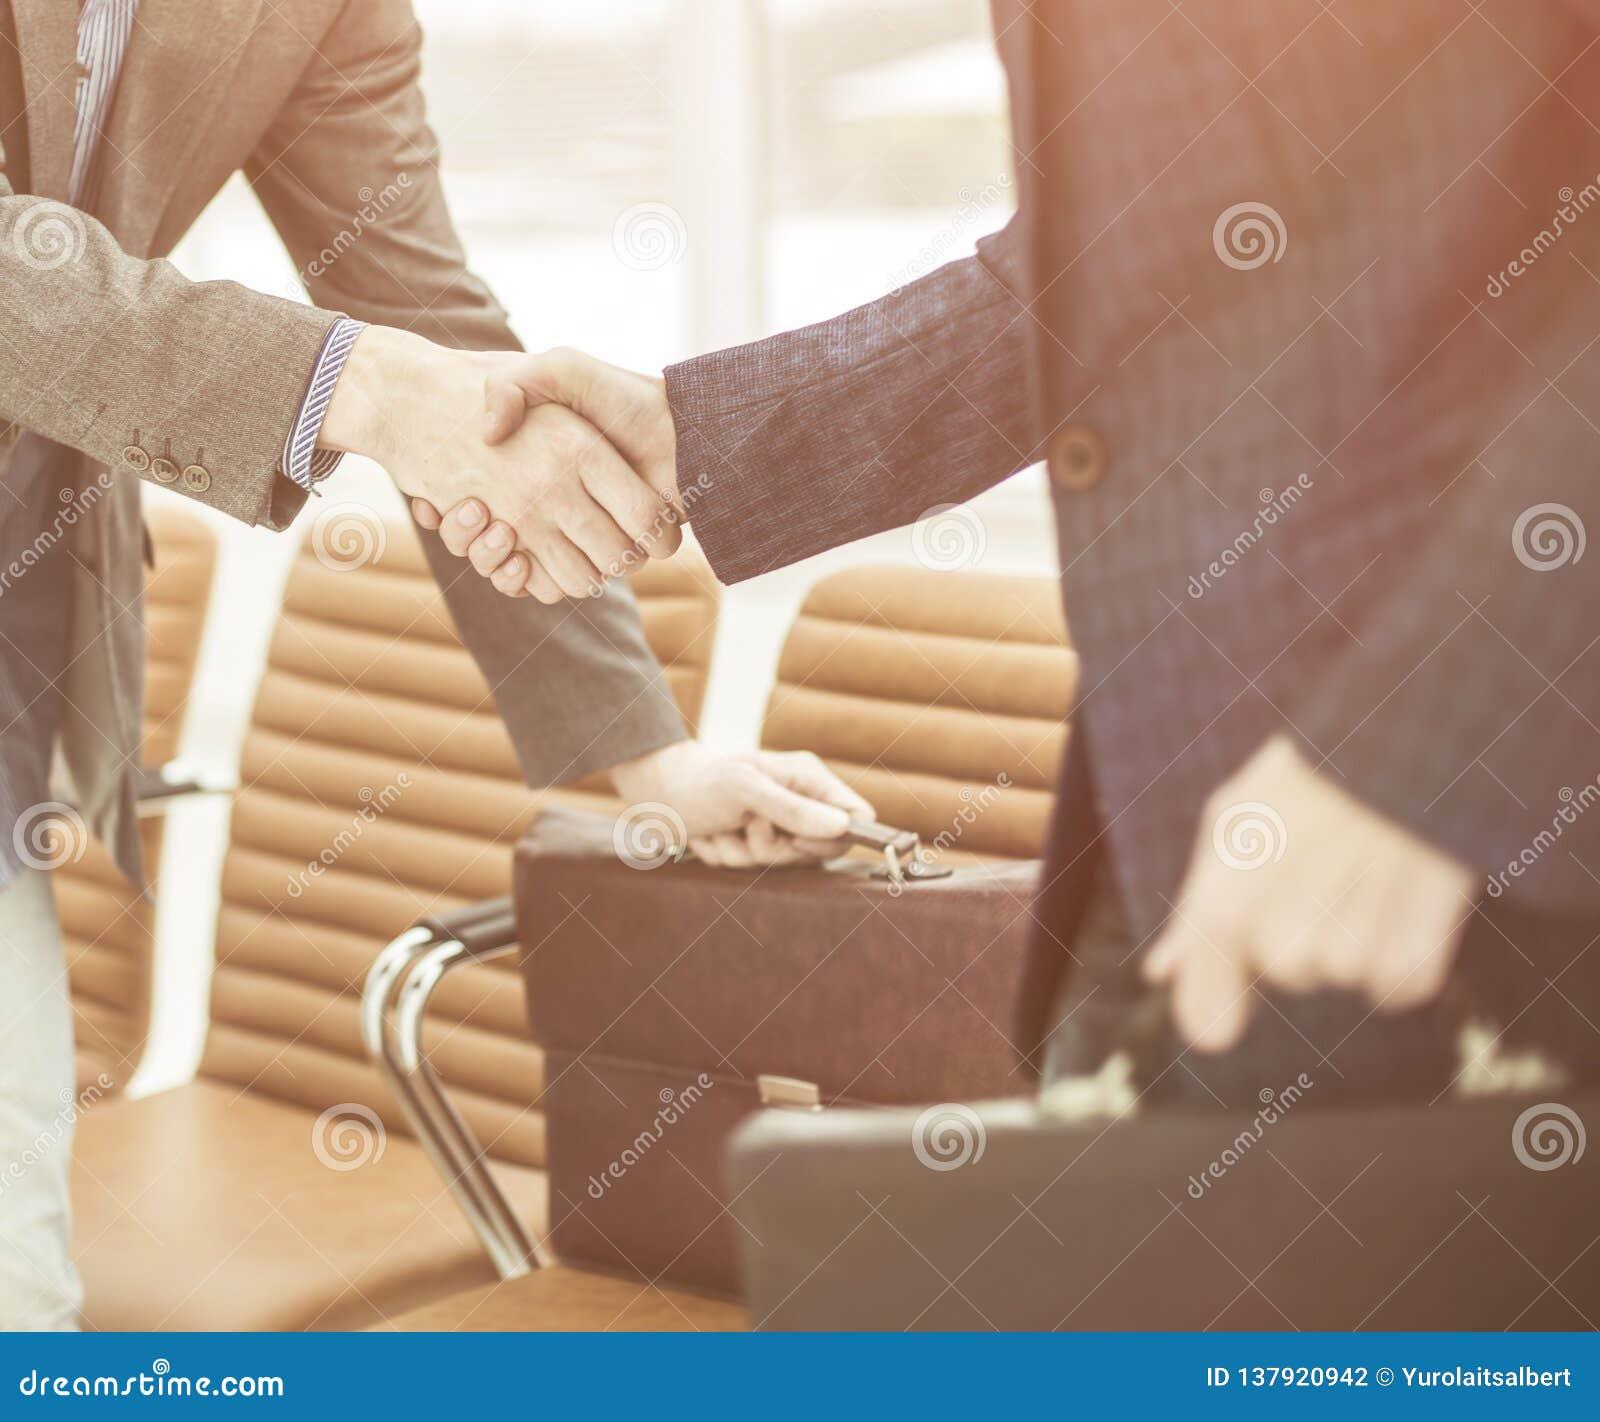 Employés de la société avec des serviettes se serrant la main dans le lobby d un bureau moderne